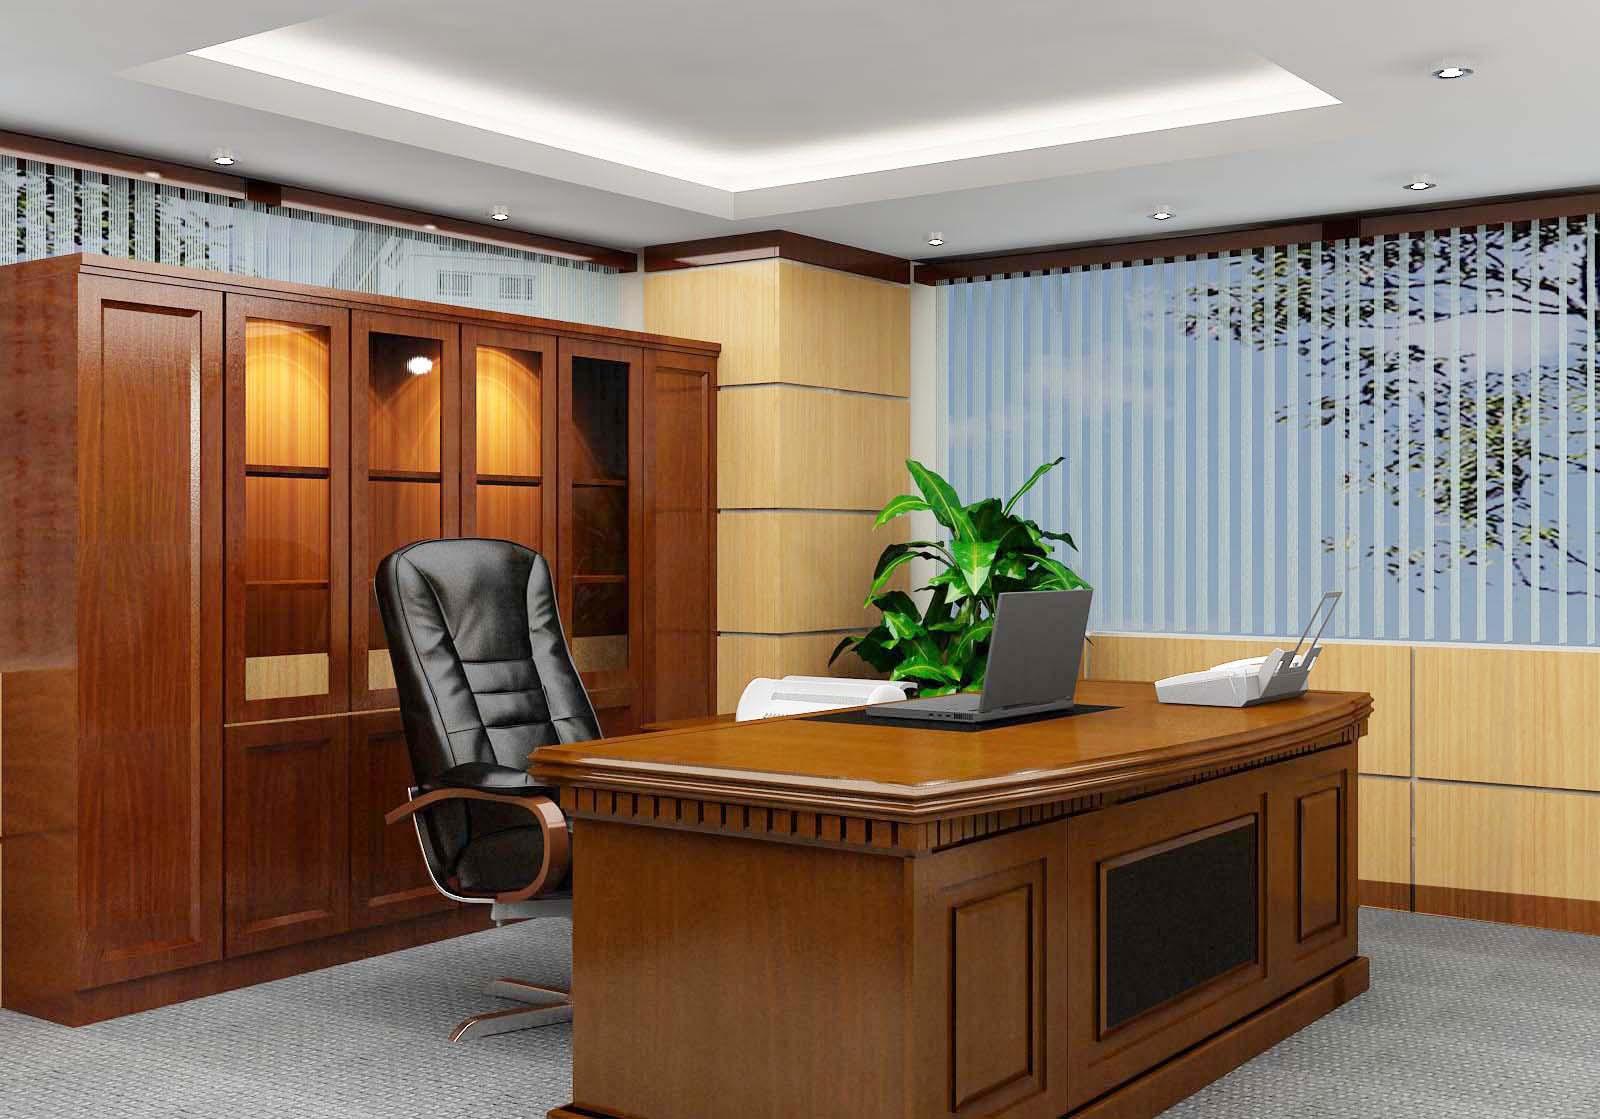 Những nguyên tắc phong thủy khai vận văn phòng giúp sự nghiệp thăng tiến